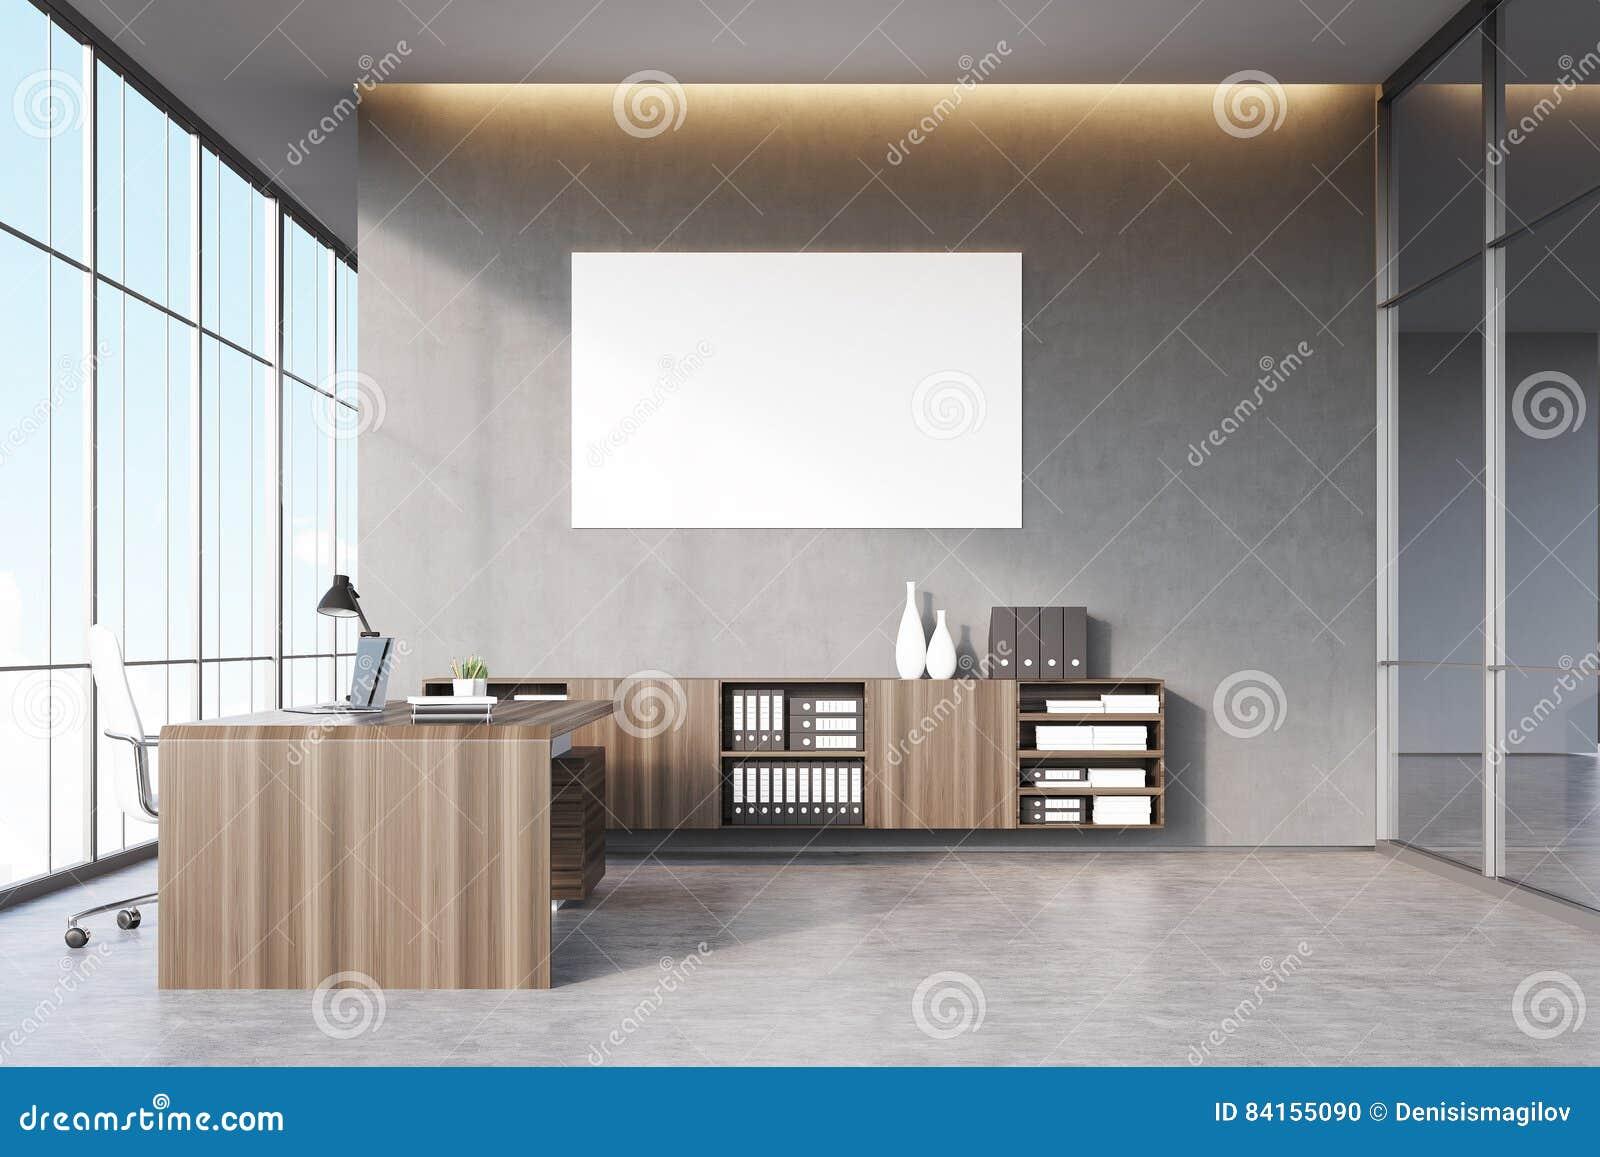 Ufficio Vetro E Legno : Ceo ufficio con mobilia di legno scura la finestra panoramica